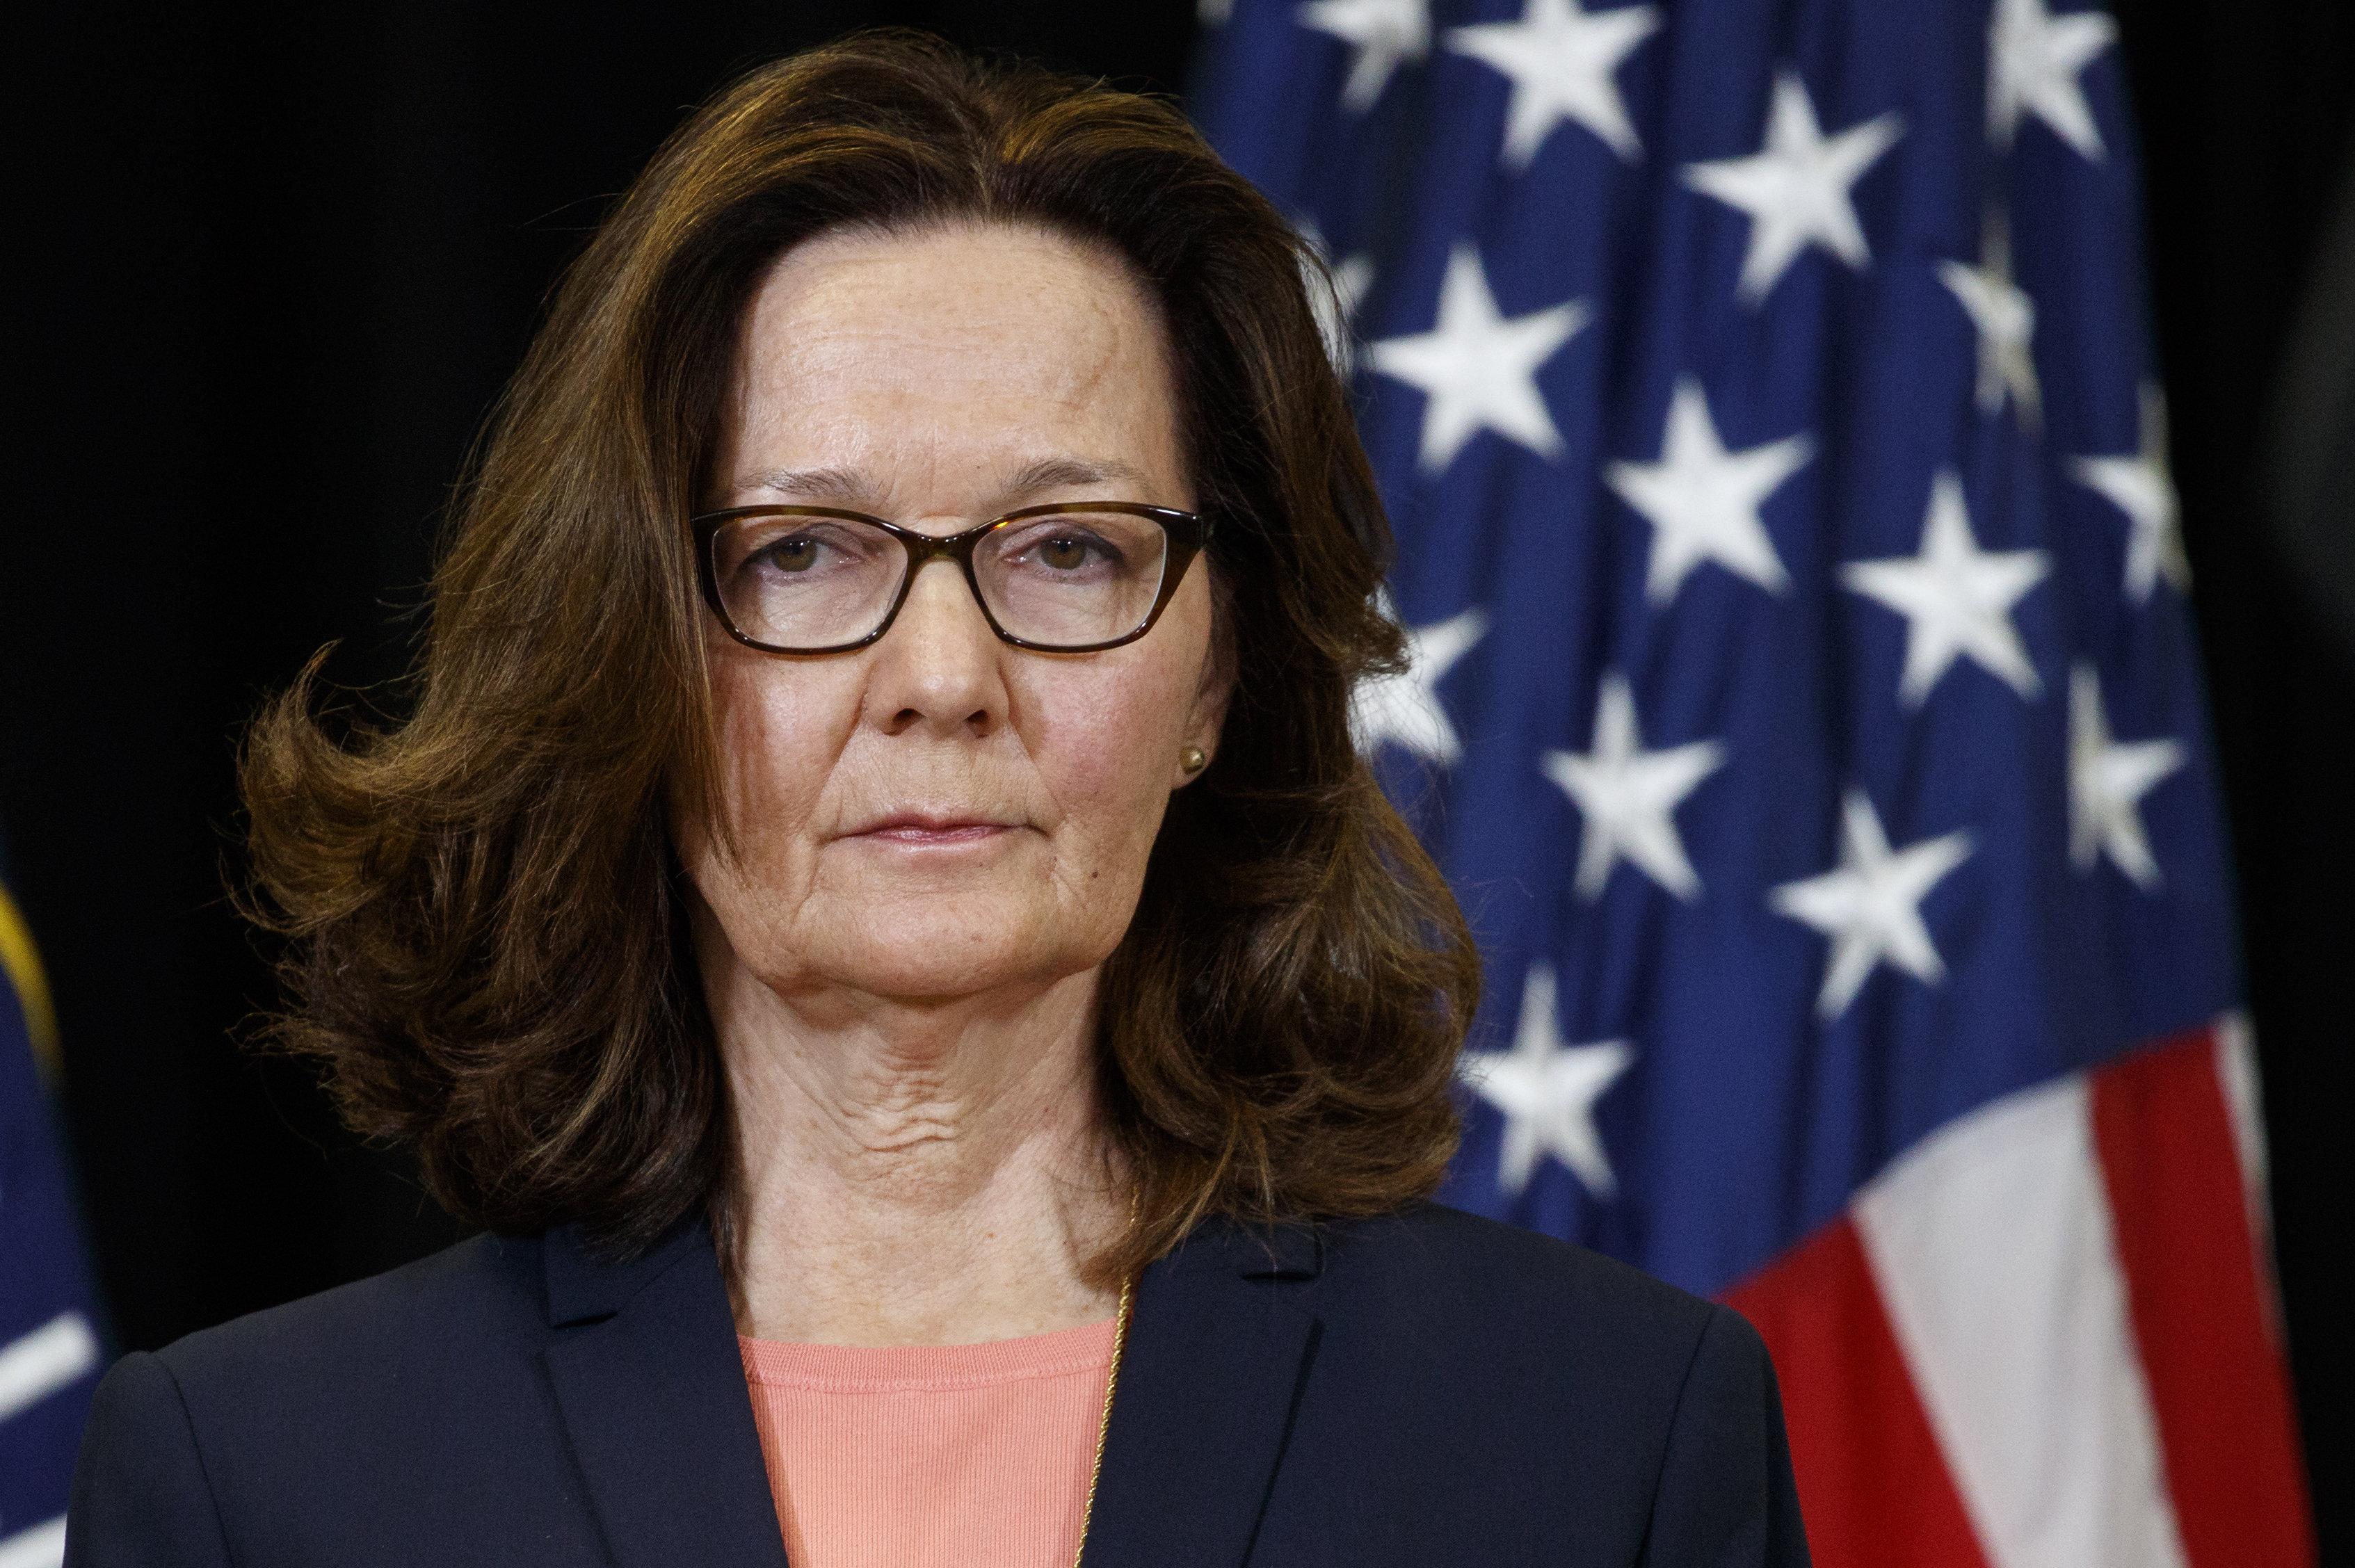 Gina Cheri Haspel, es una oficial de inteligencia estadounidense, actual directora de la CIA